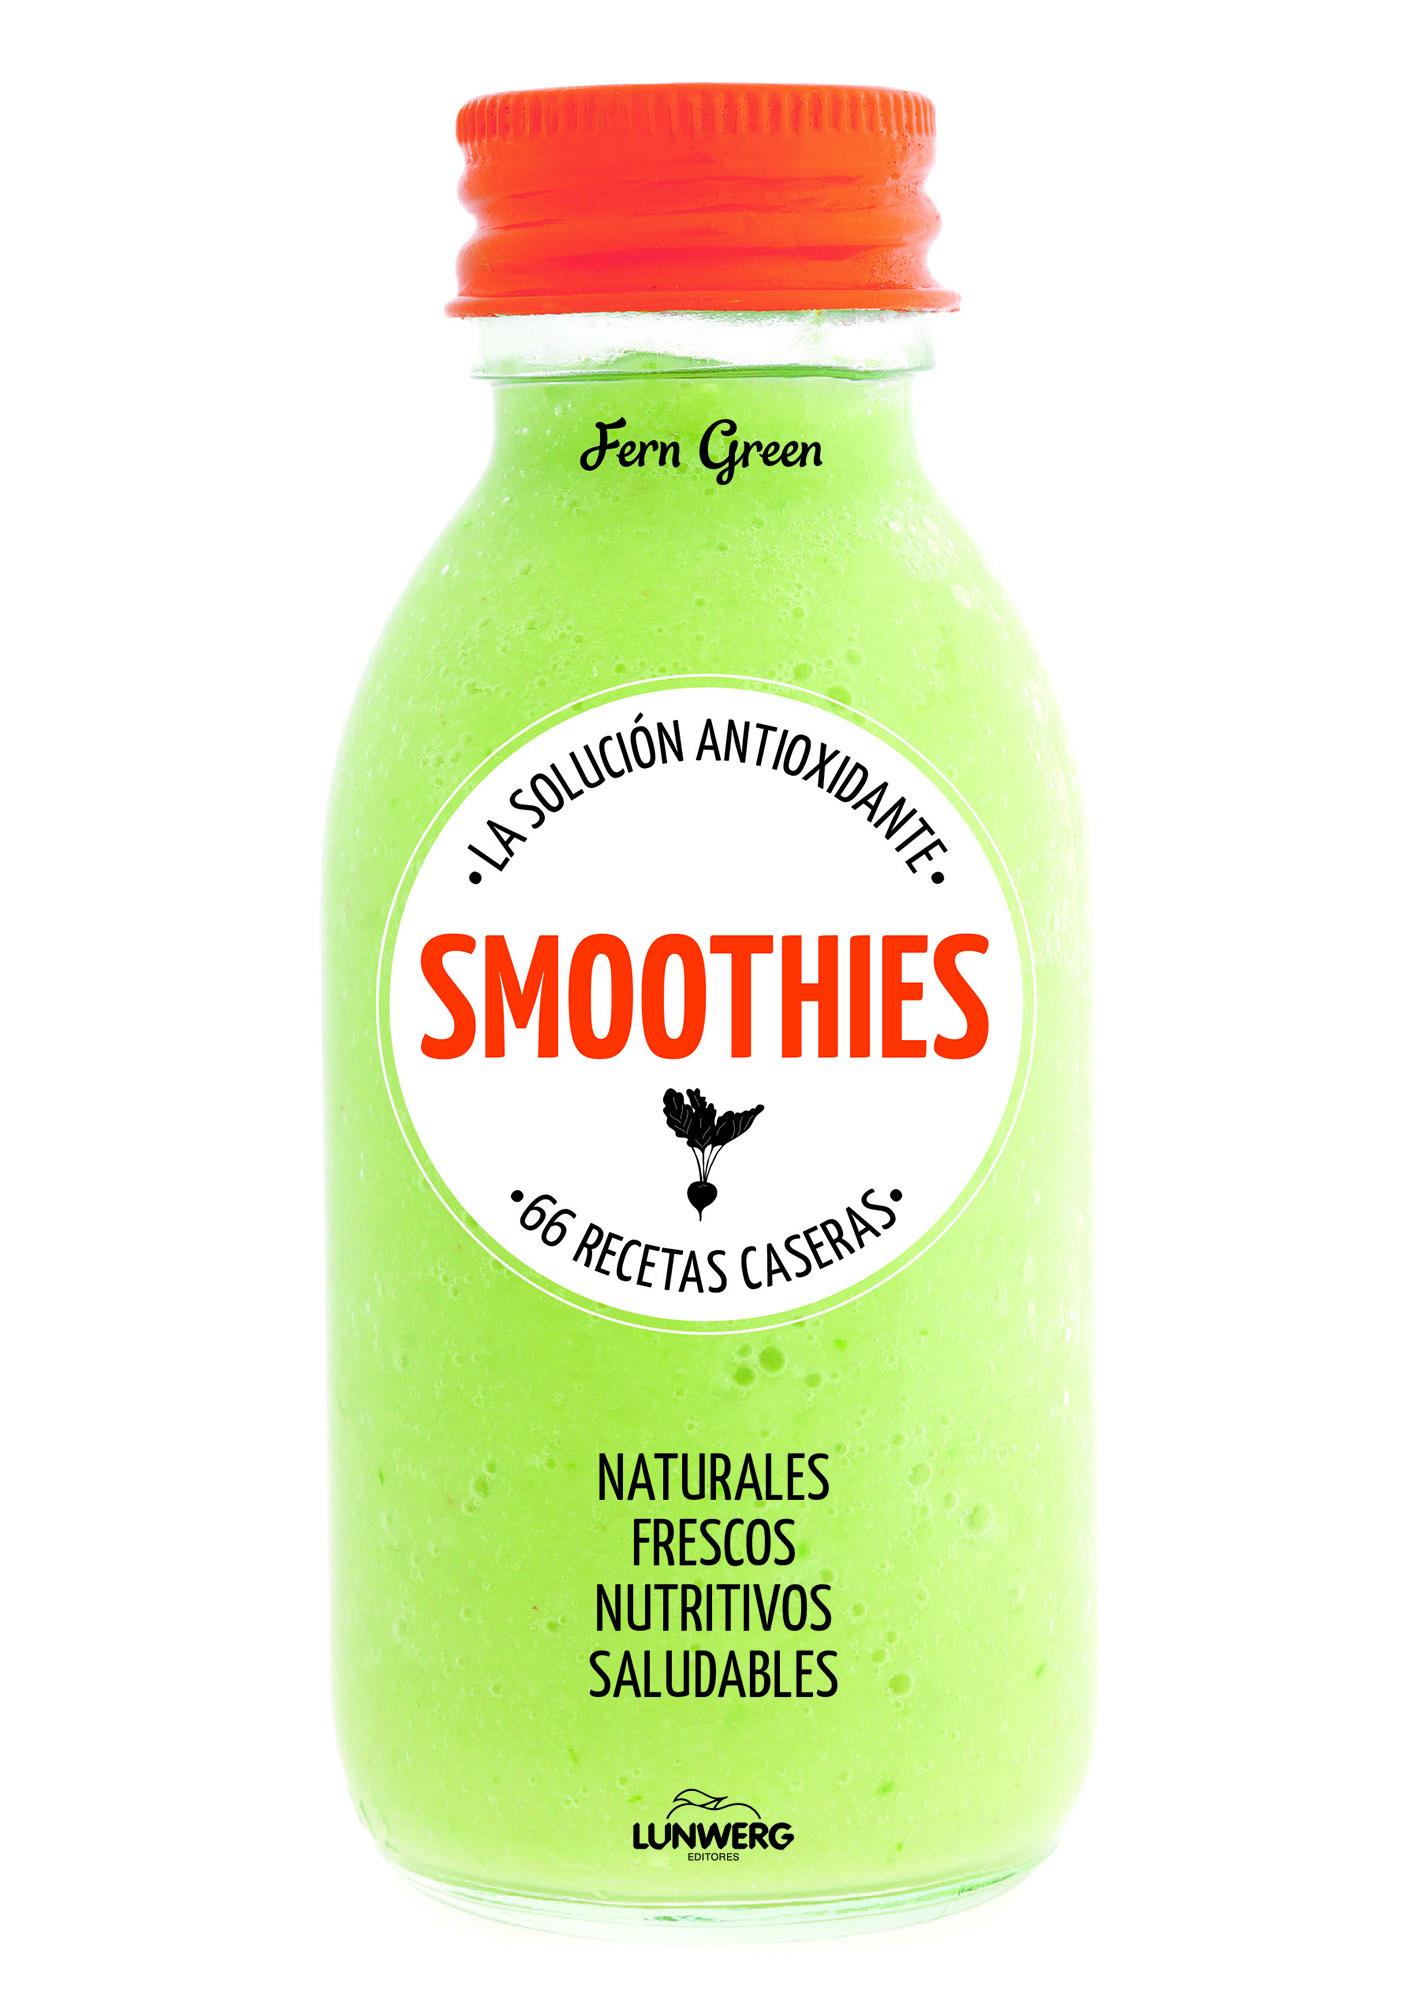 Smoothies: la solución antioxidante